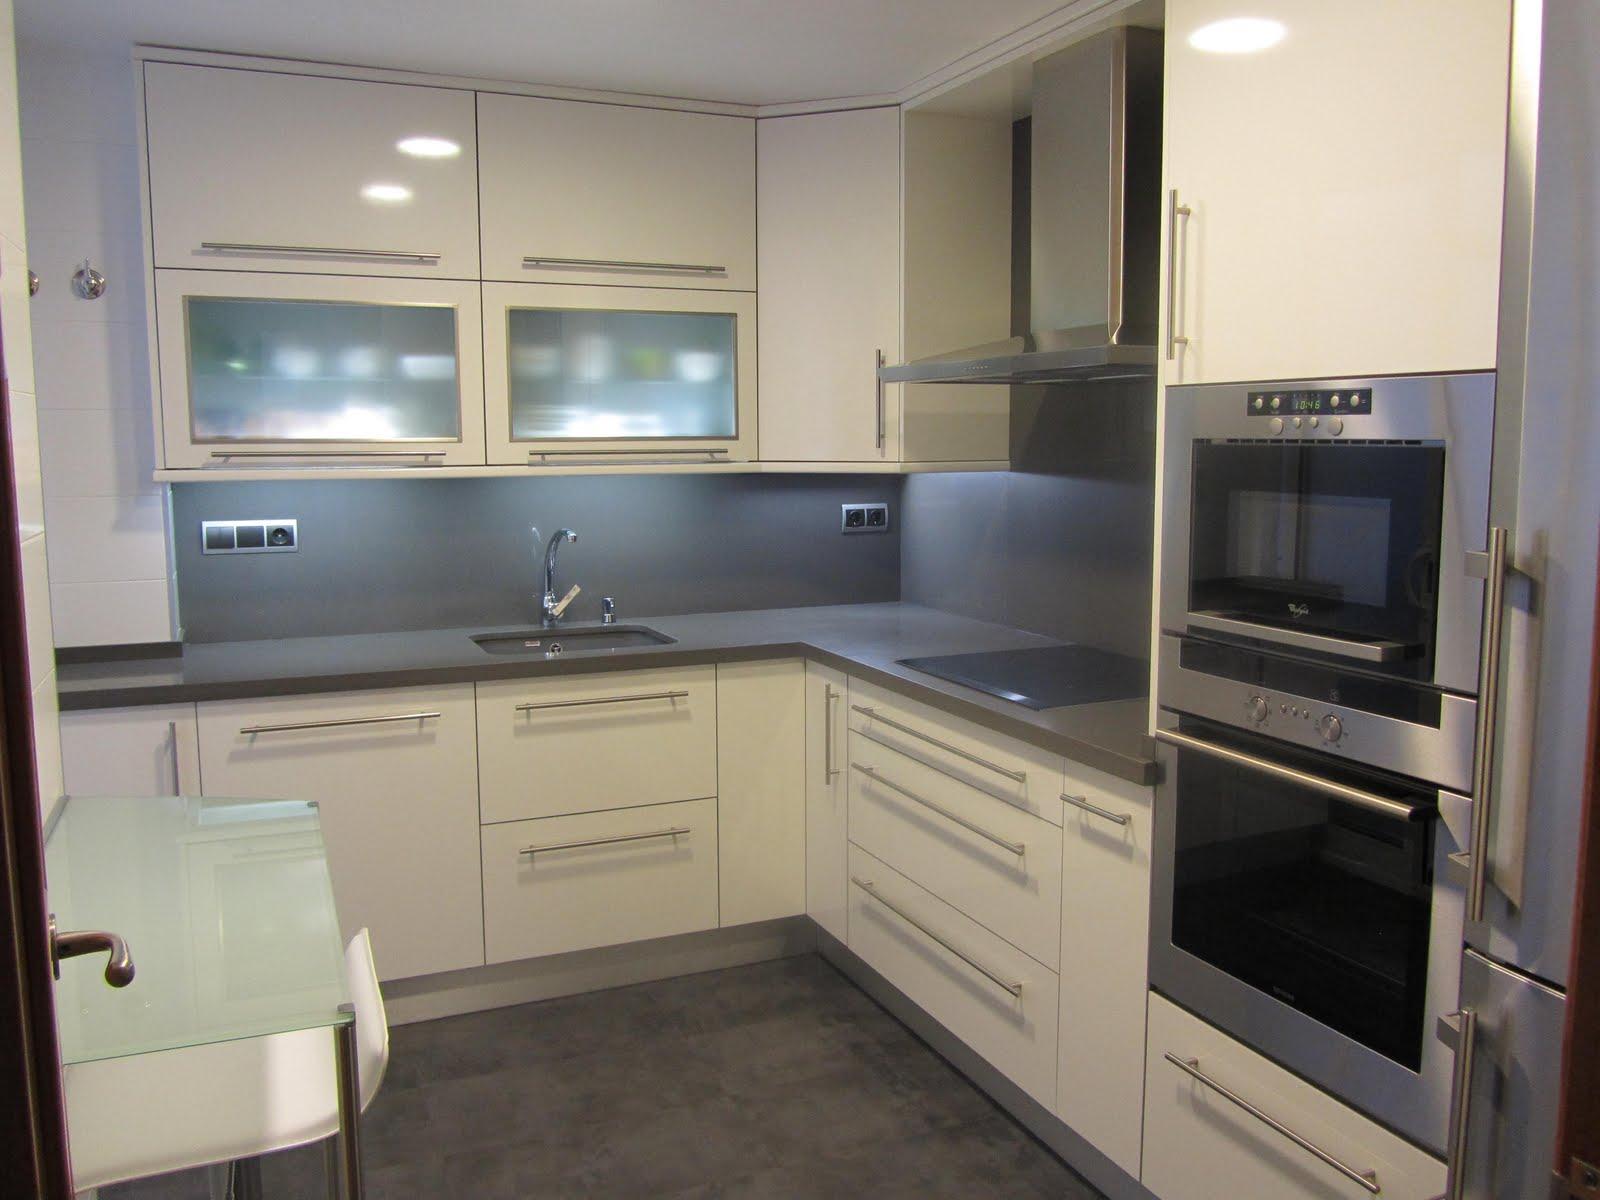 Reuscuina cocina formica blanca con silestone gris oscuro for Cocinas blancas con silestone